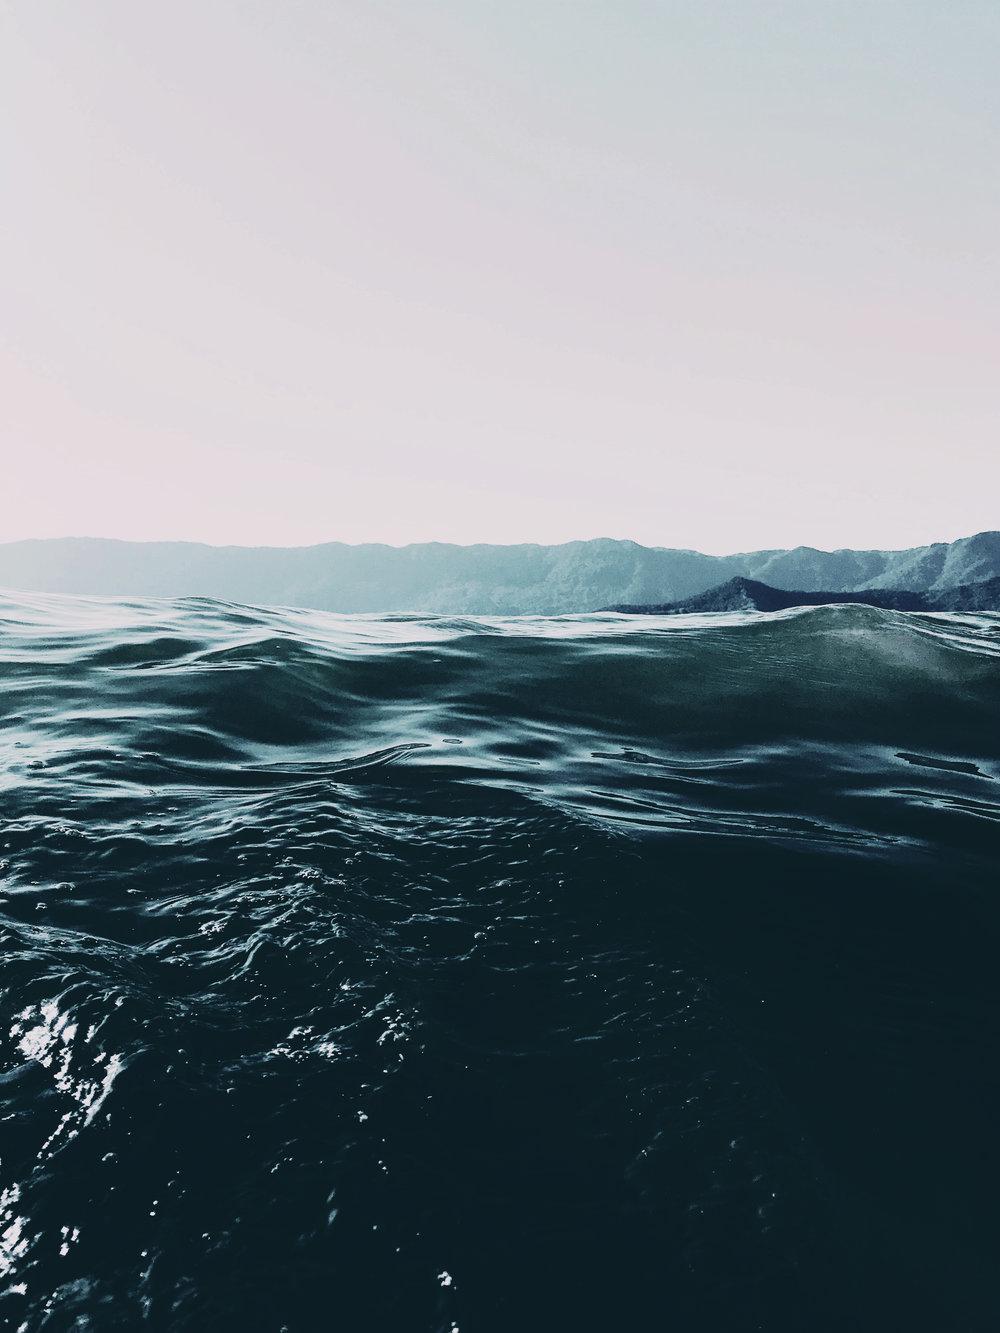 mar adentro - NAIRA MATTIA